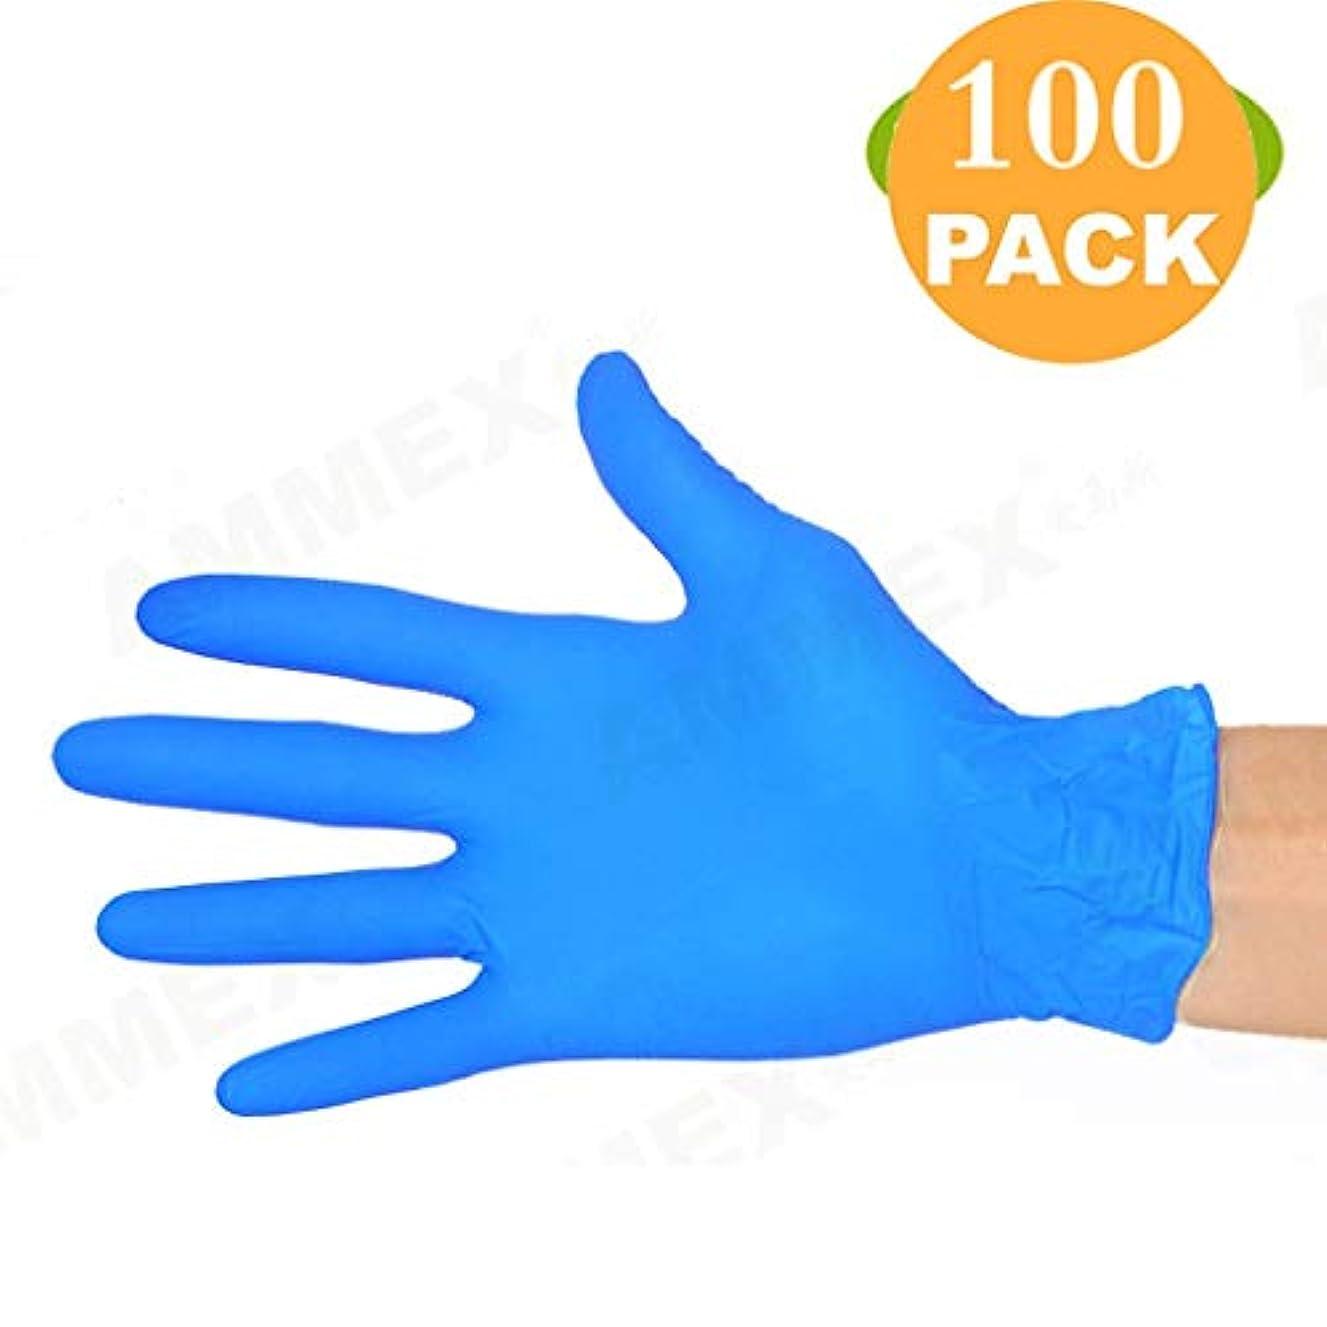 意識的余裕がある思い出9インチニトリル手袋100のラテックスゴム手袋の家事洗濯プラスチックの薄いキッチンボックス (Size : M)